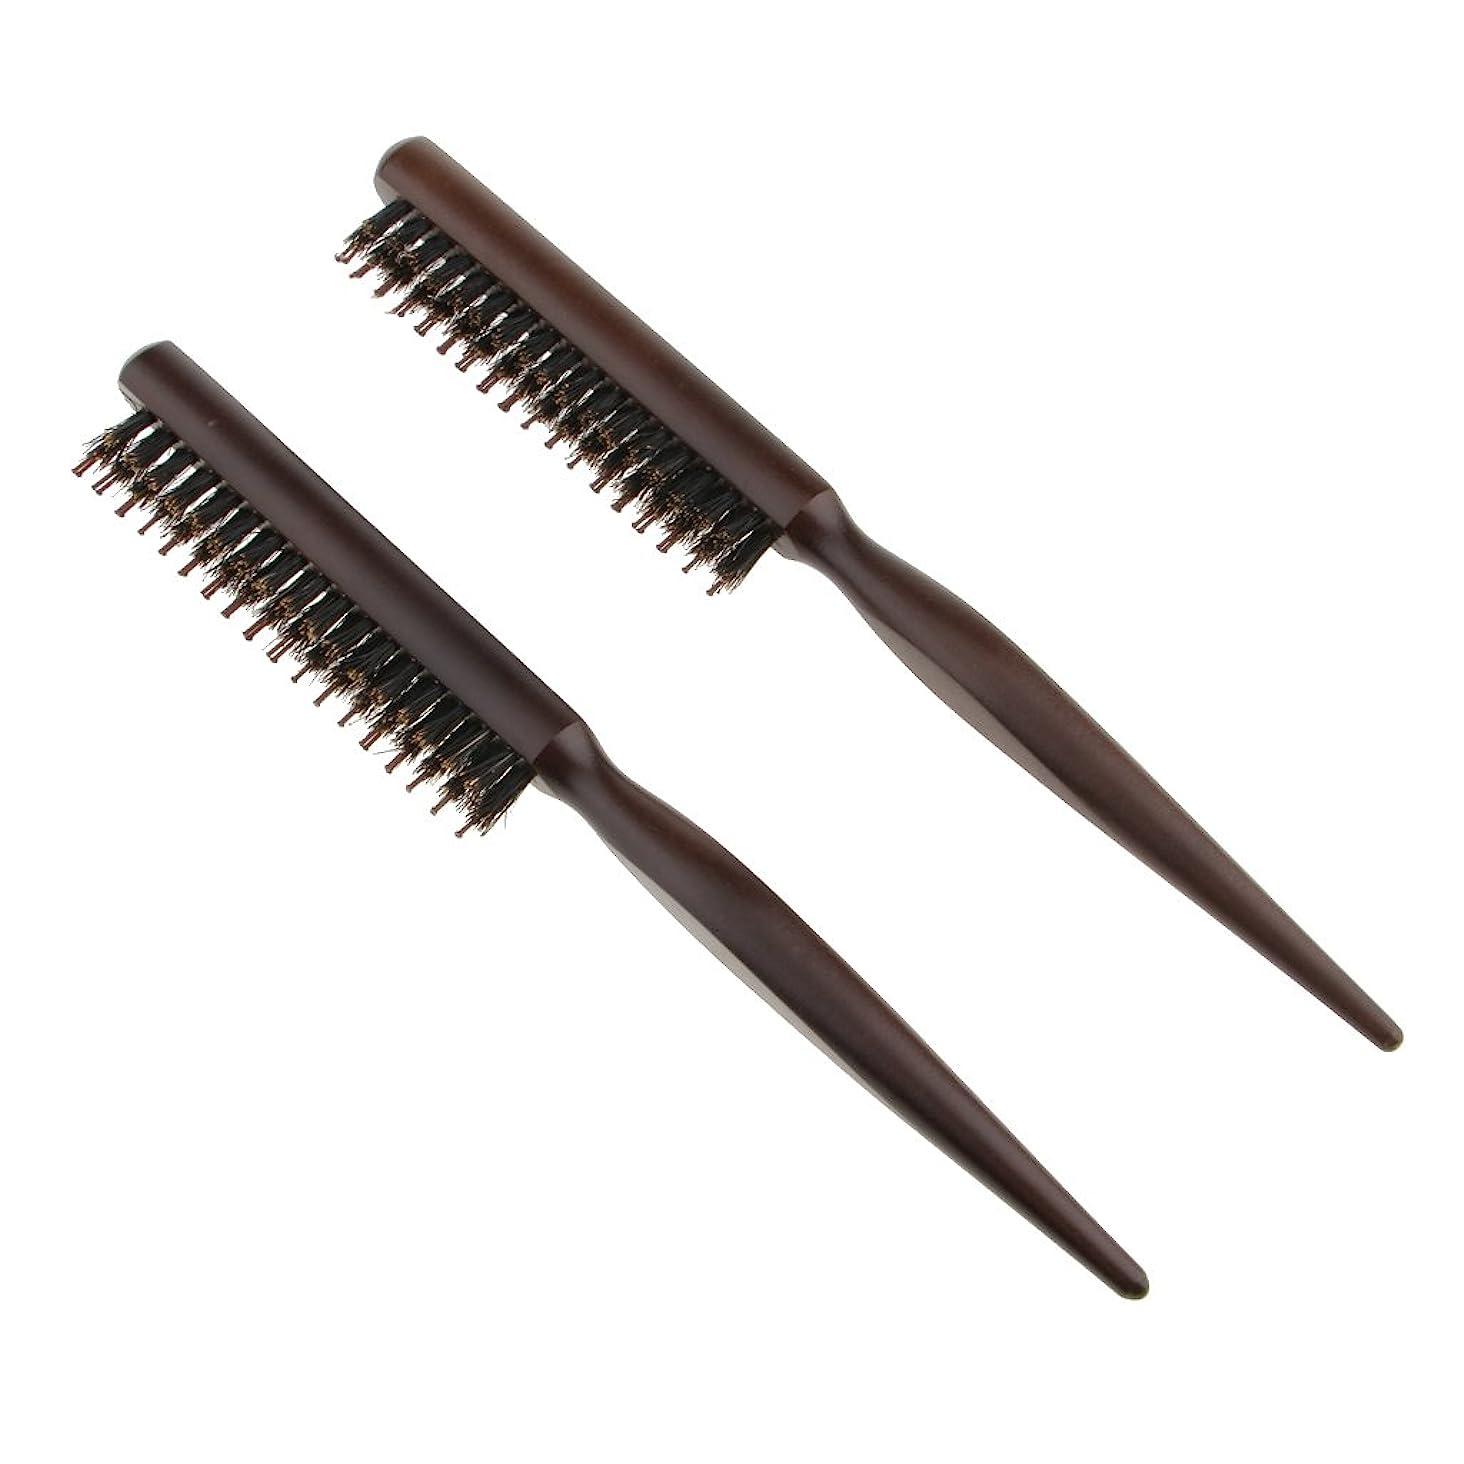 掻くつかの間改善Baosity 2本 木製櫛 ヘアブラシ プロ サロン 高品質